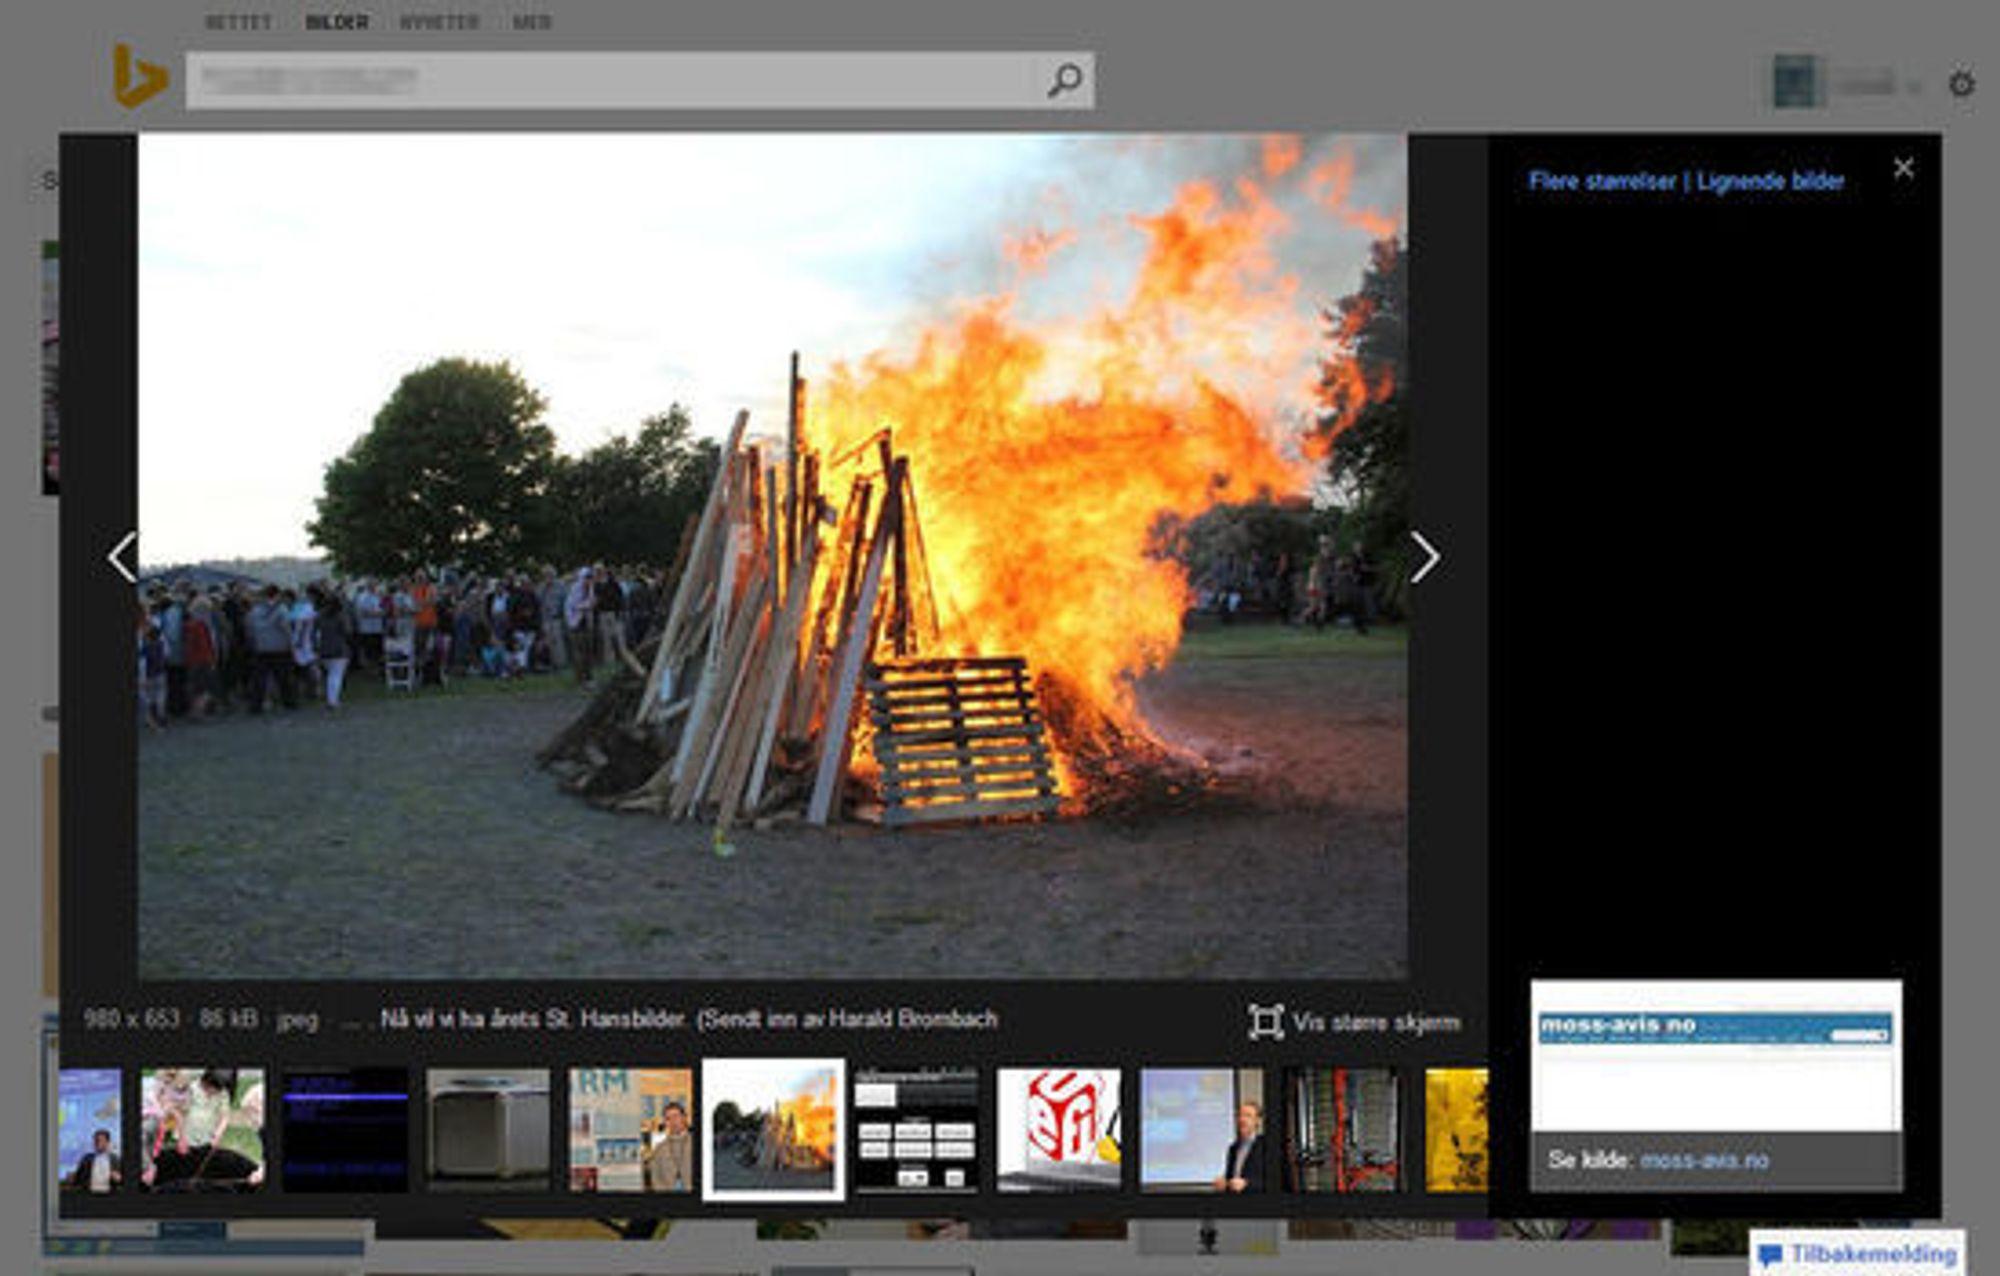 Det samme søket som i toppbildet, men i stedet gjort med bildesøket til Bing.